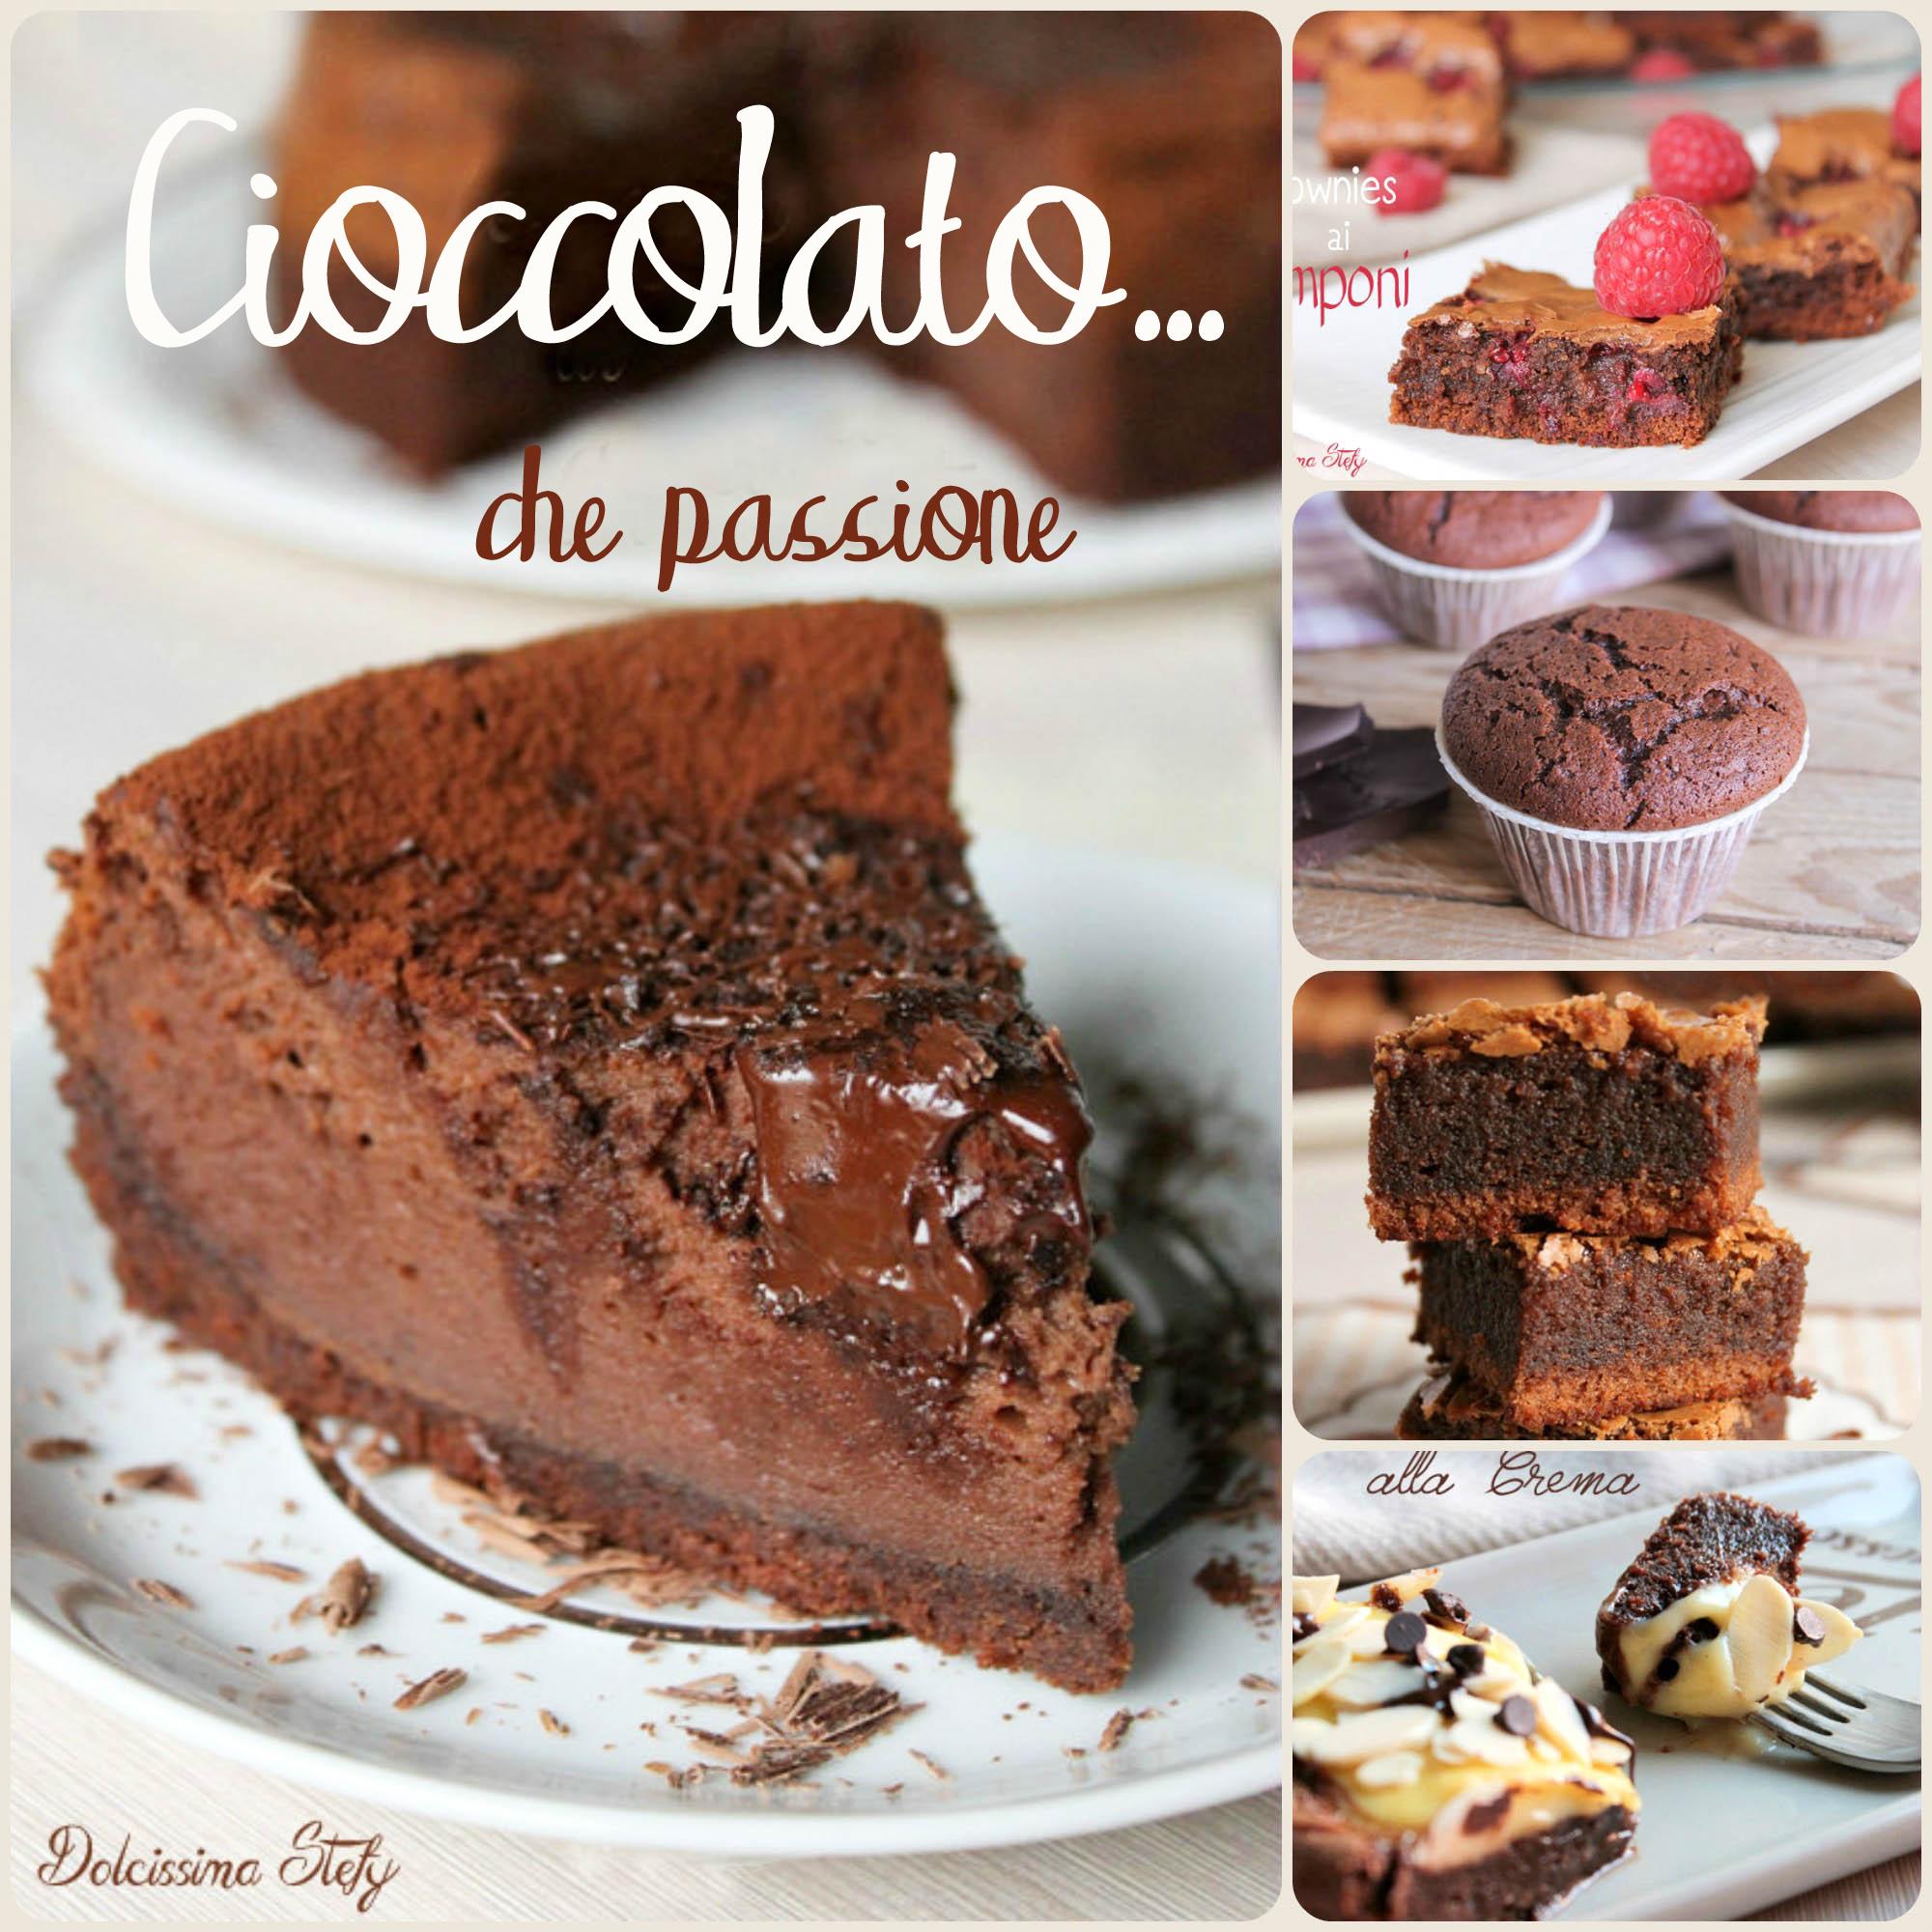 Cioccolato,..che passione!